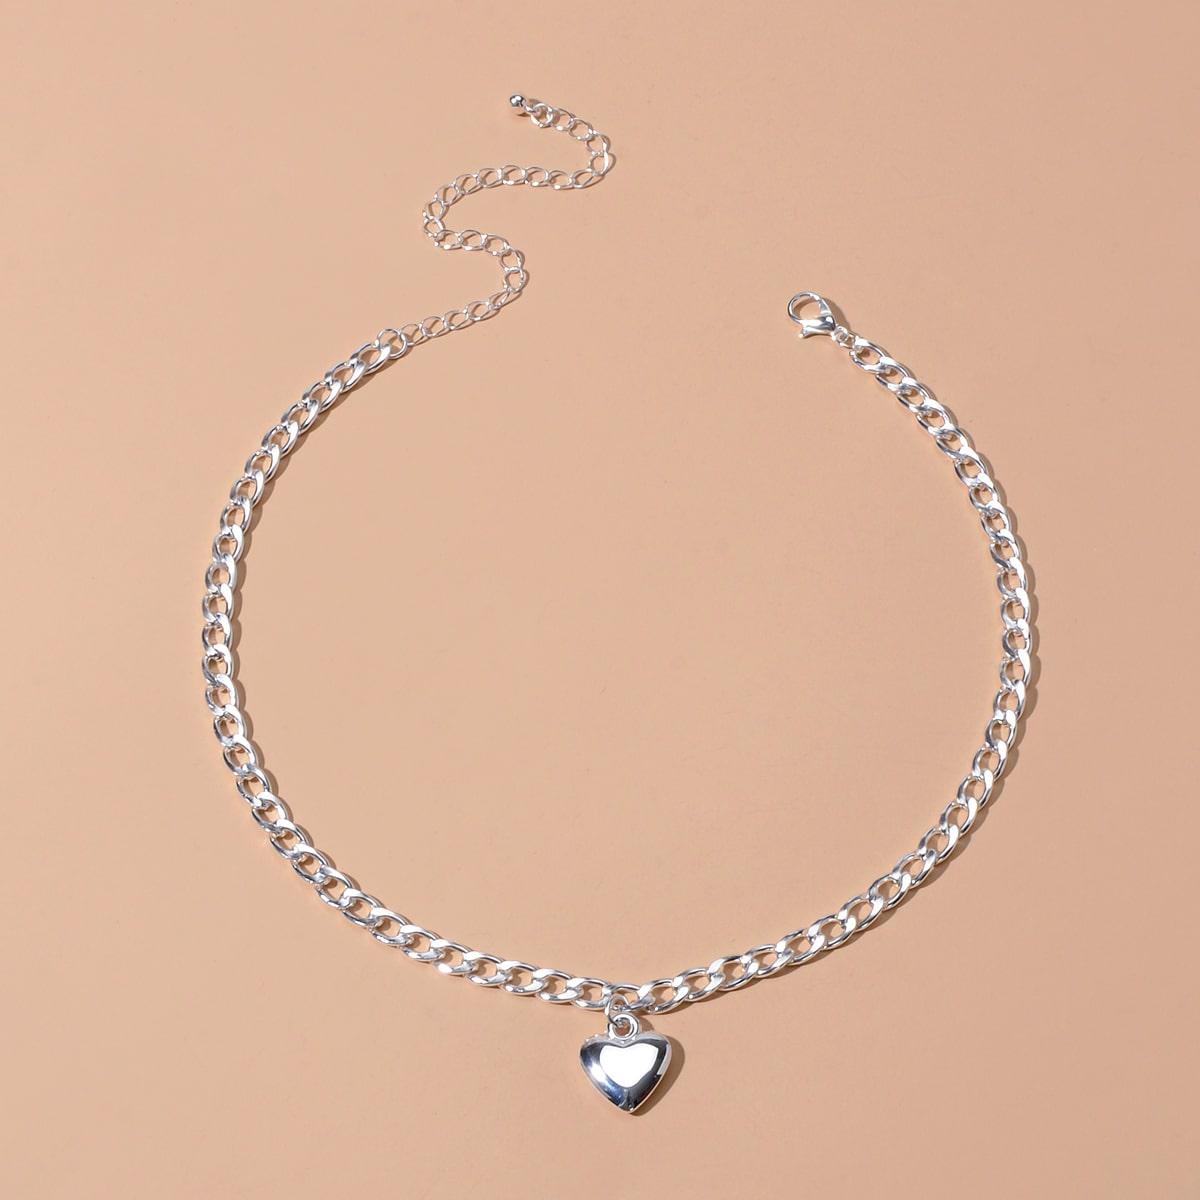 Цепное ожерелье с подвеской сердца 1шт фото